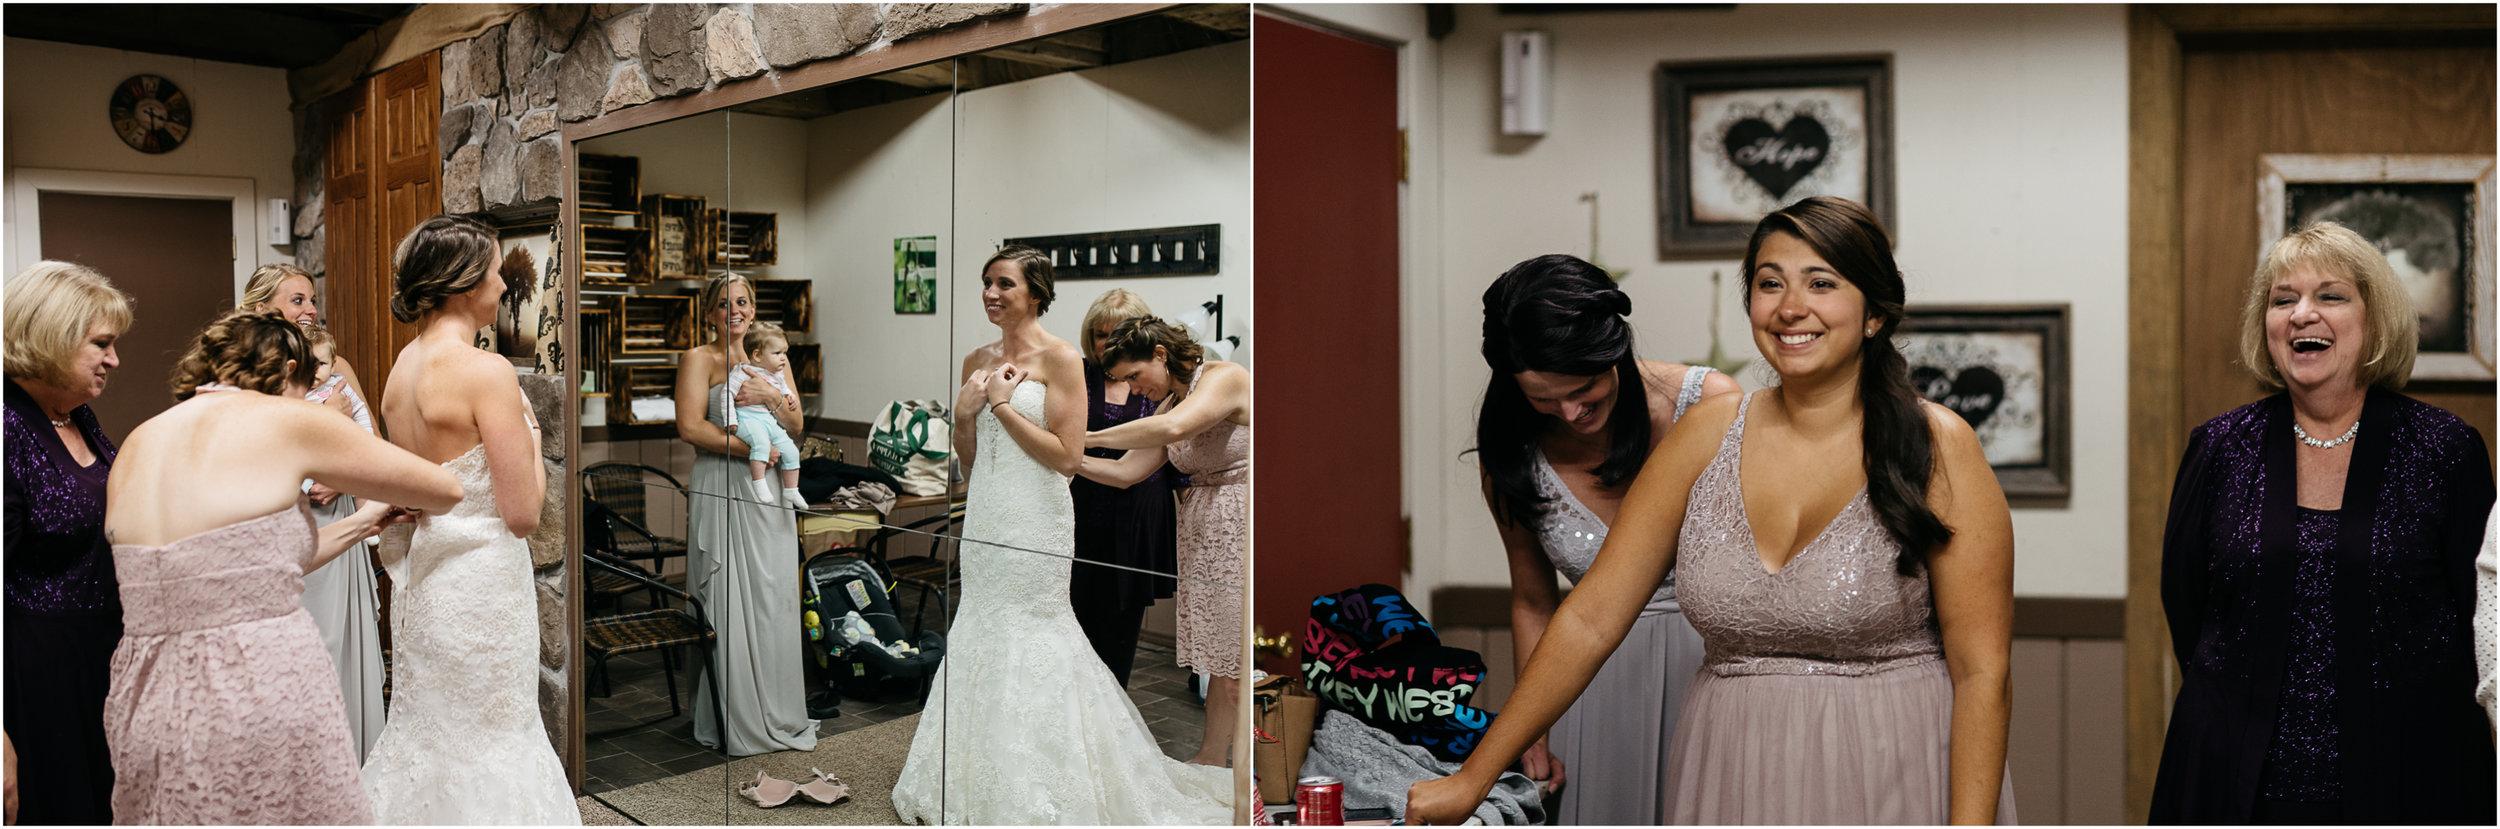 Rockwood wedding Photographer The Hayloft of PA.jpg